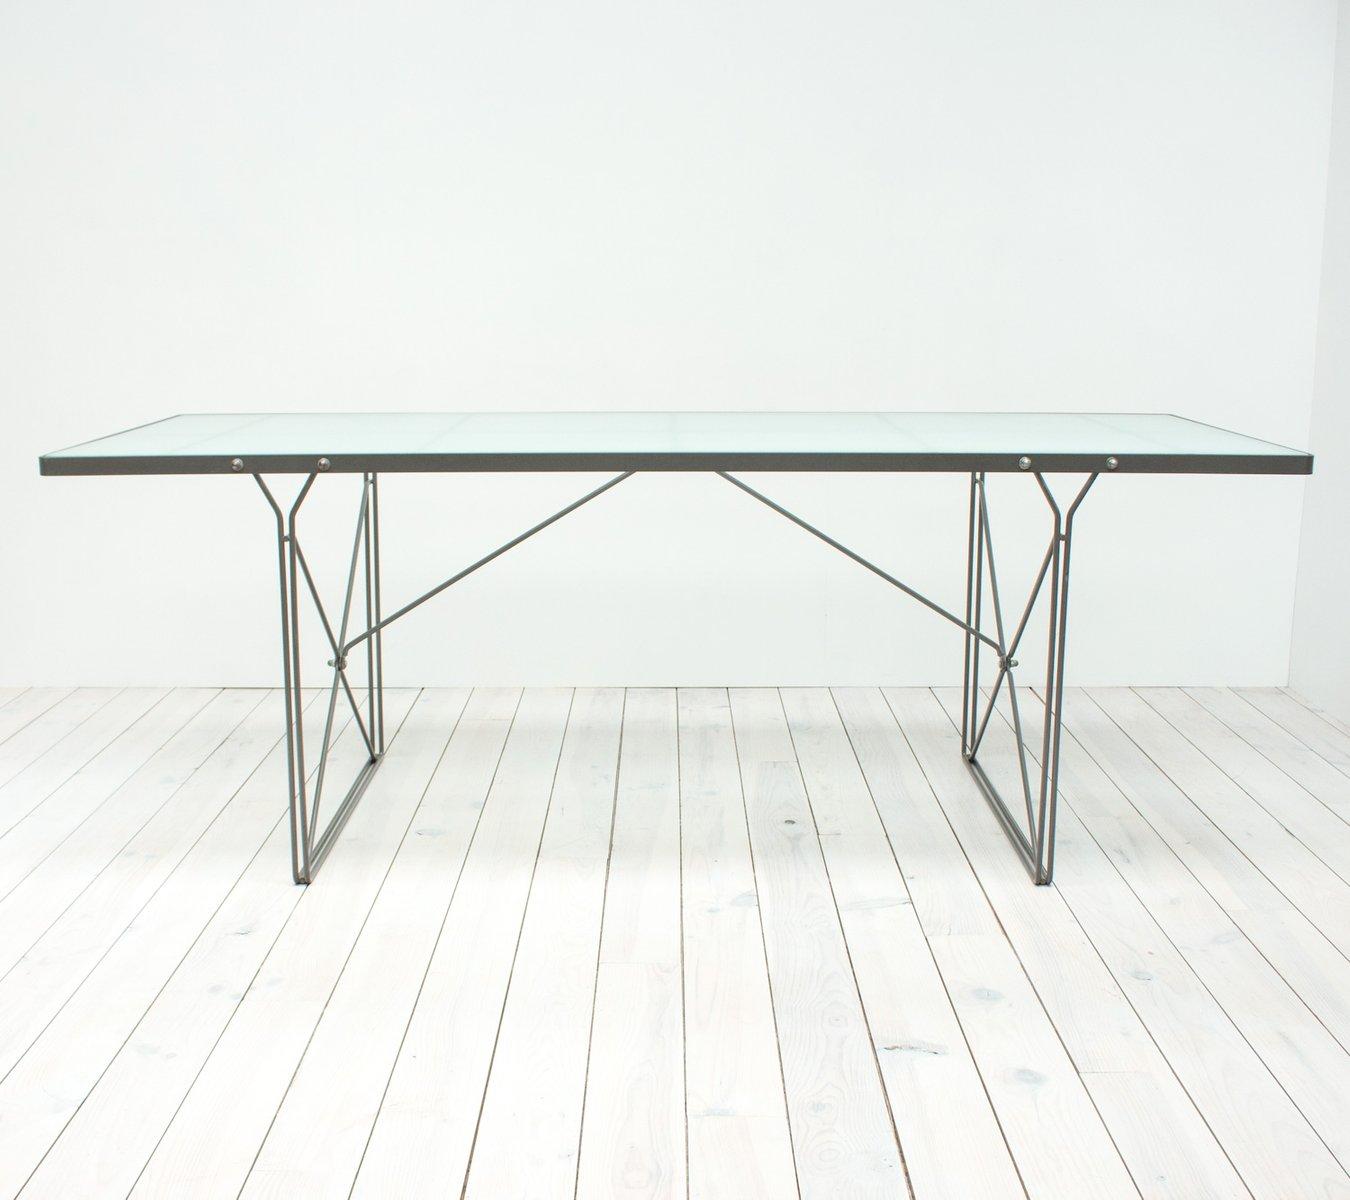 Table de salle manger moment en verre par niels gammelgaard pour ikea 1987 en vente sur pamono - Table a manger en verre ikea ...